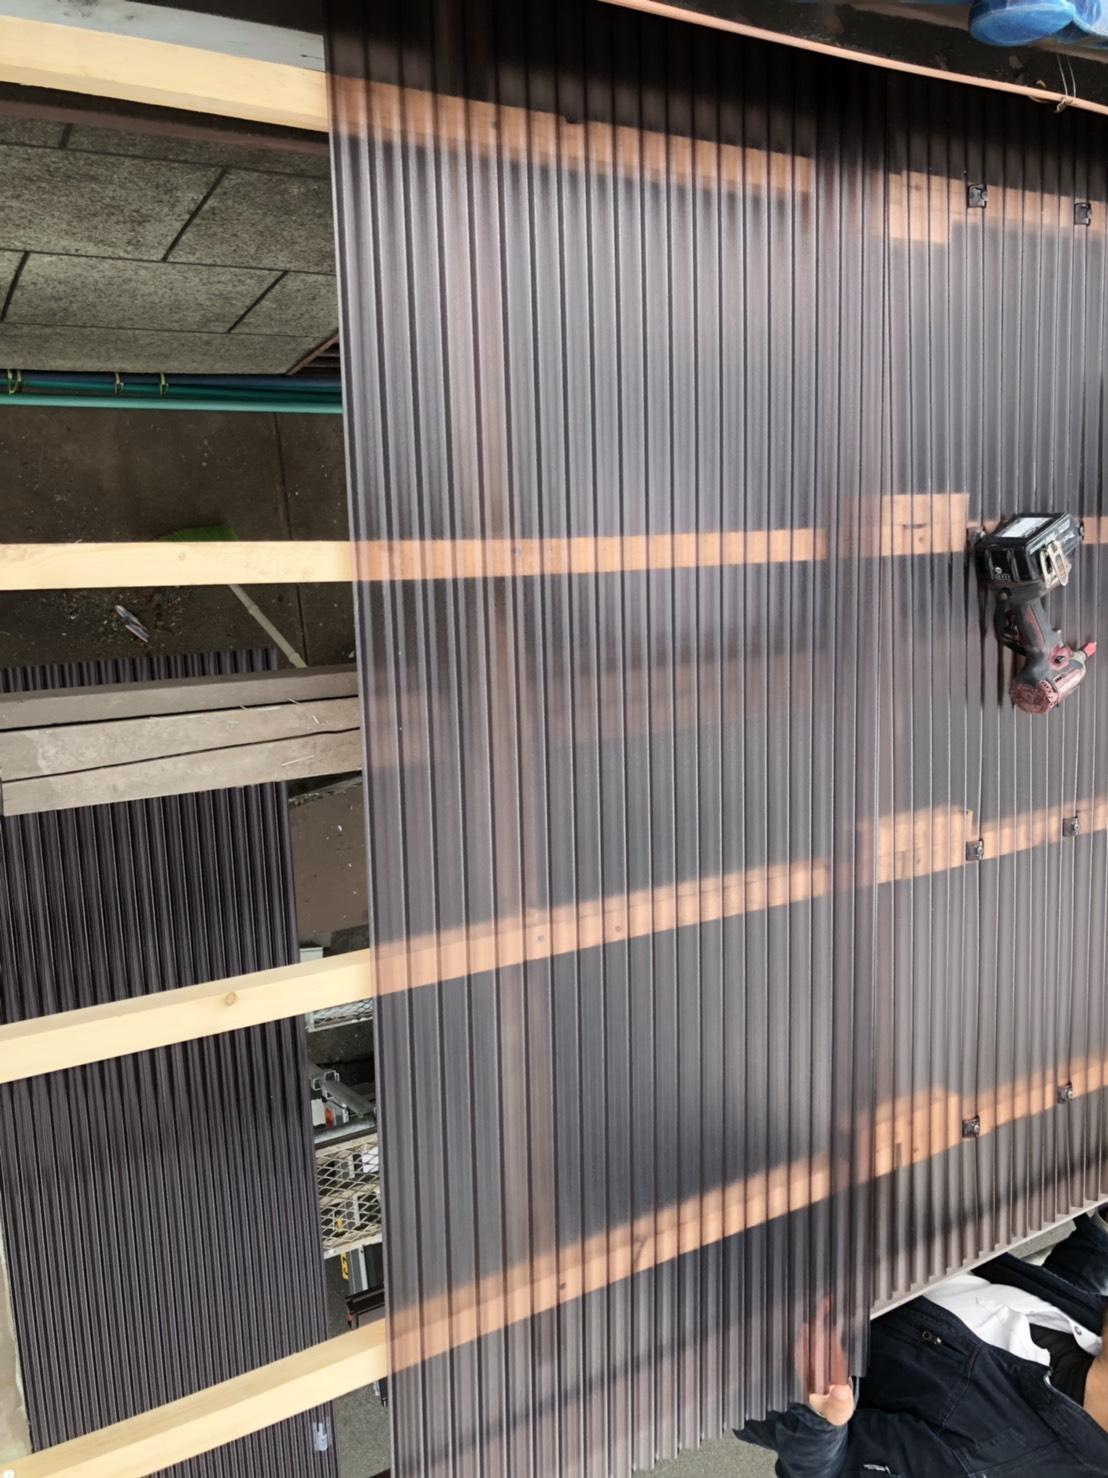 加古郡播磨町でのベランダ波板交換で波板を貼っている様子